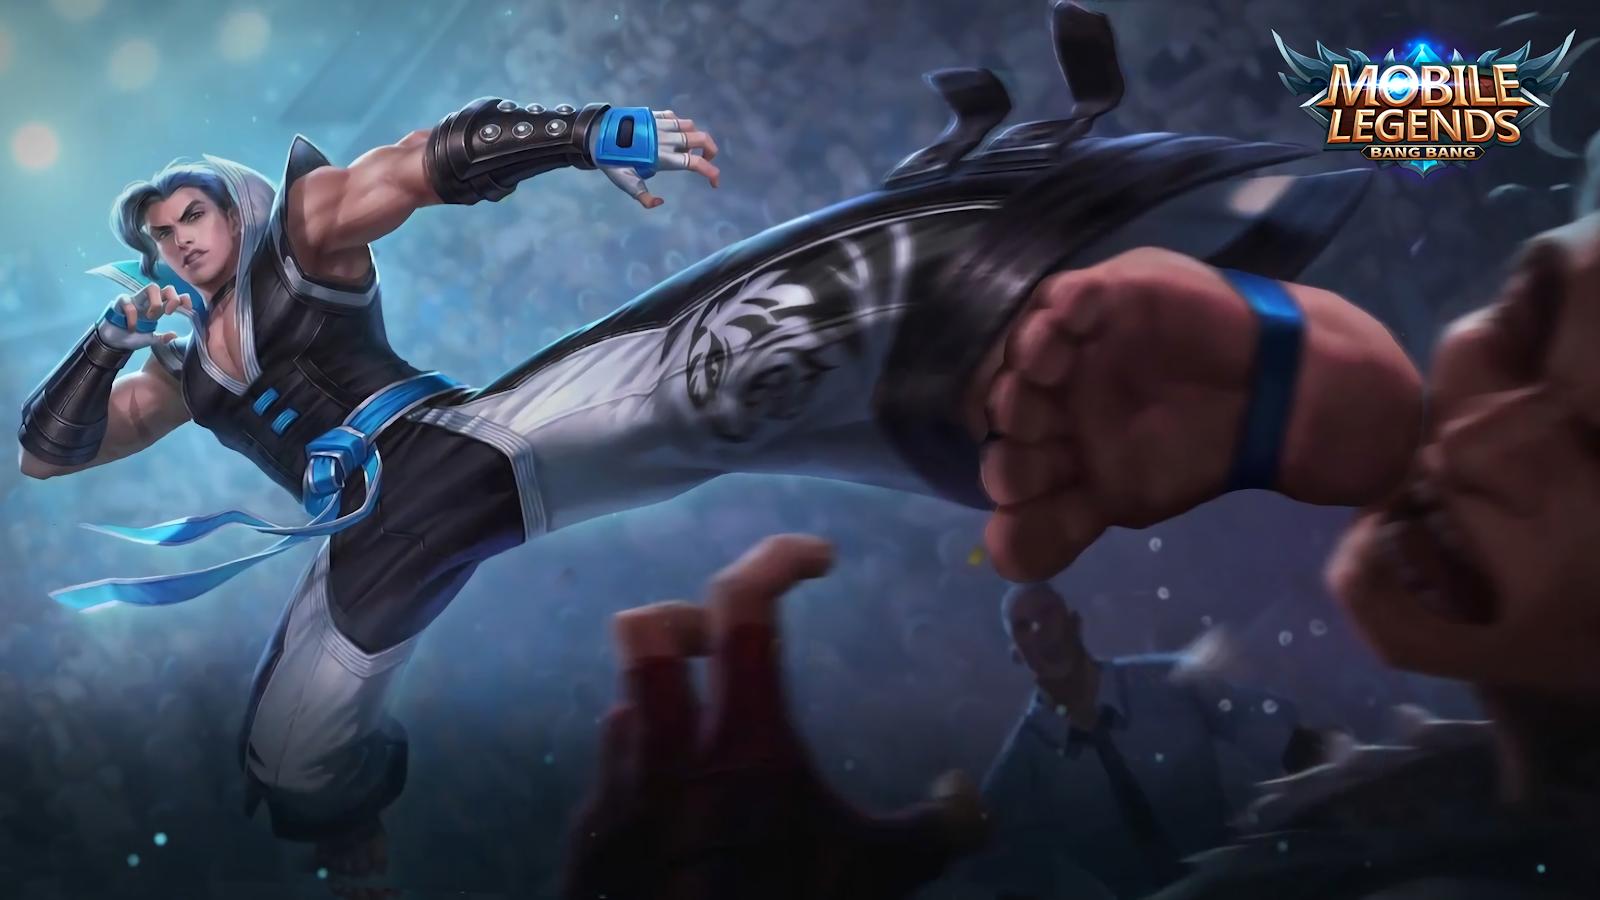 Best Fighter in Mobile Legends